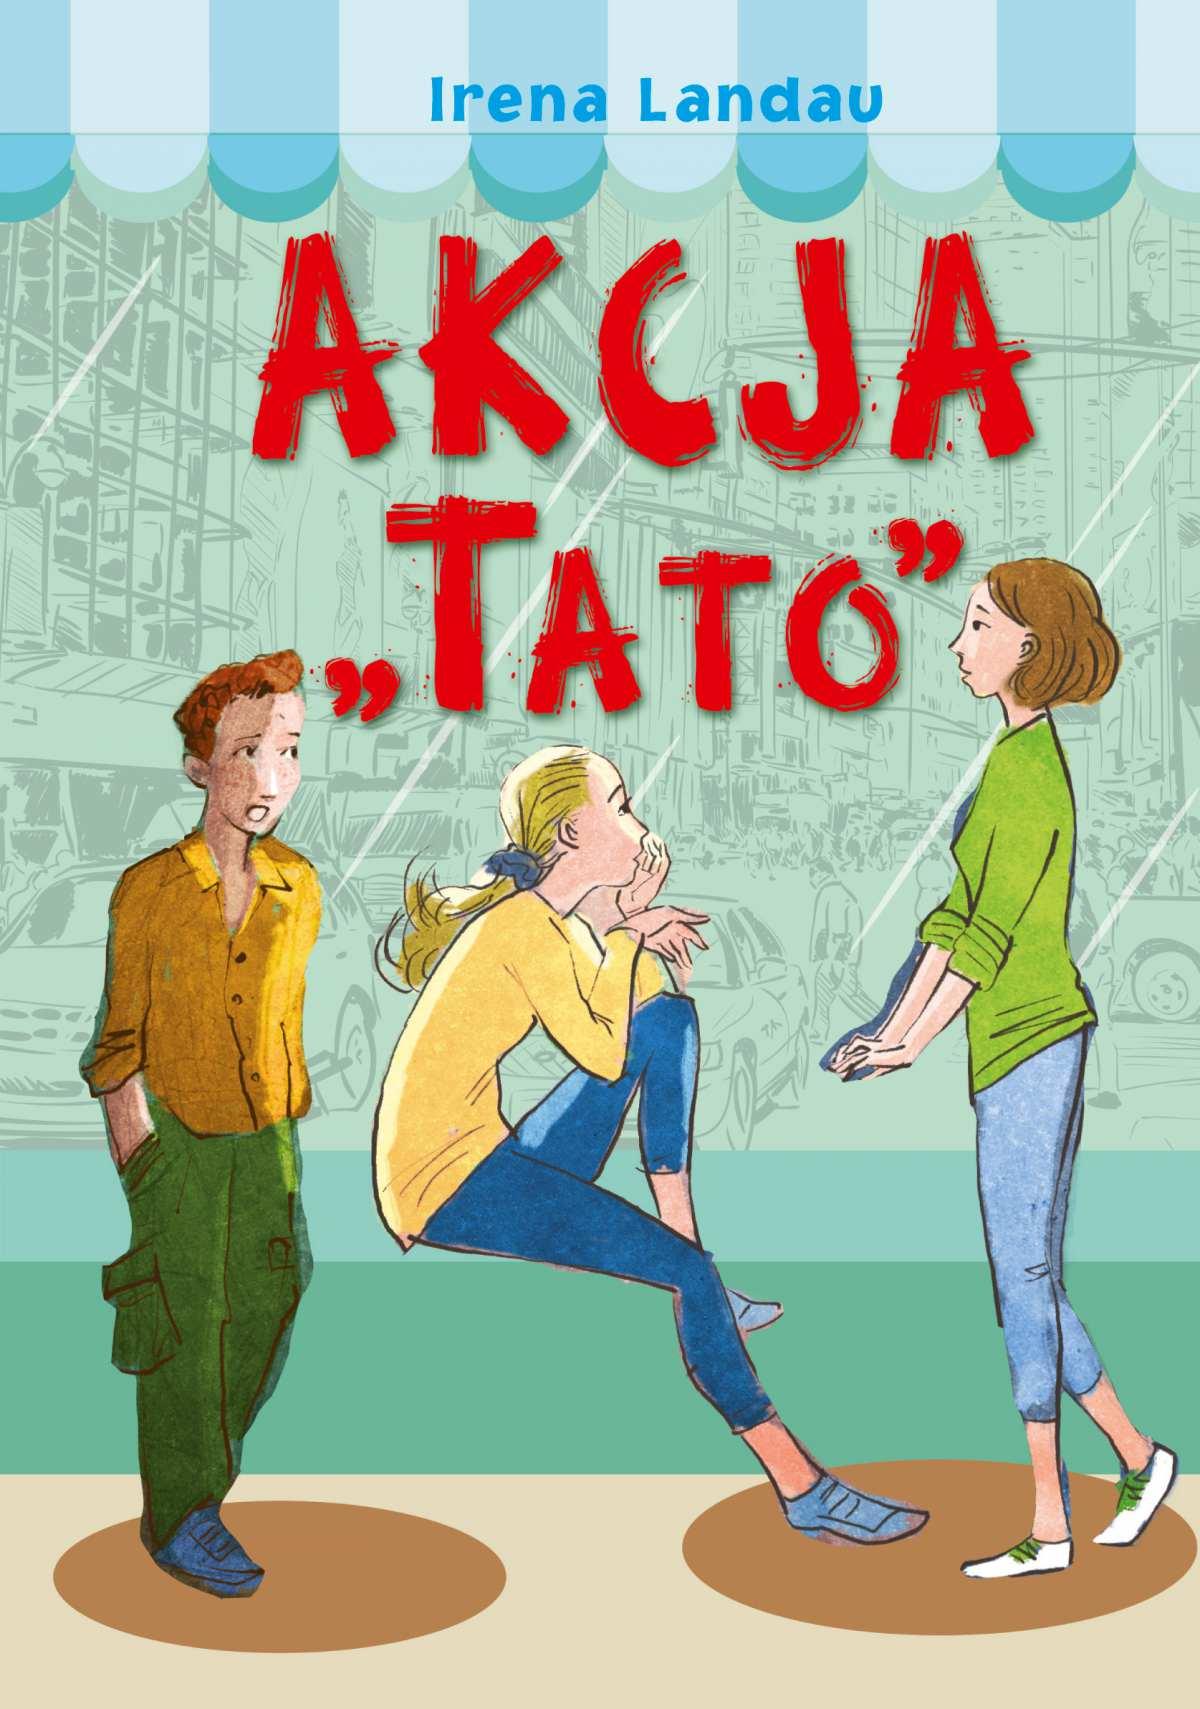 """Akcja """"Tato"""" - Ebook (Książka na Kindle) do pobrania w formacie MOBI"""